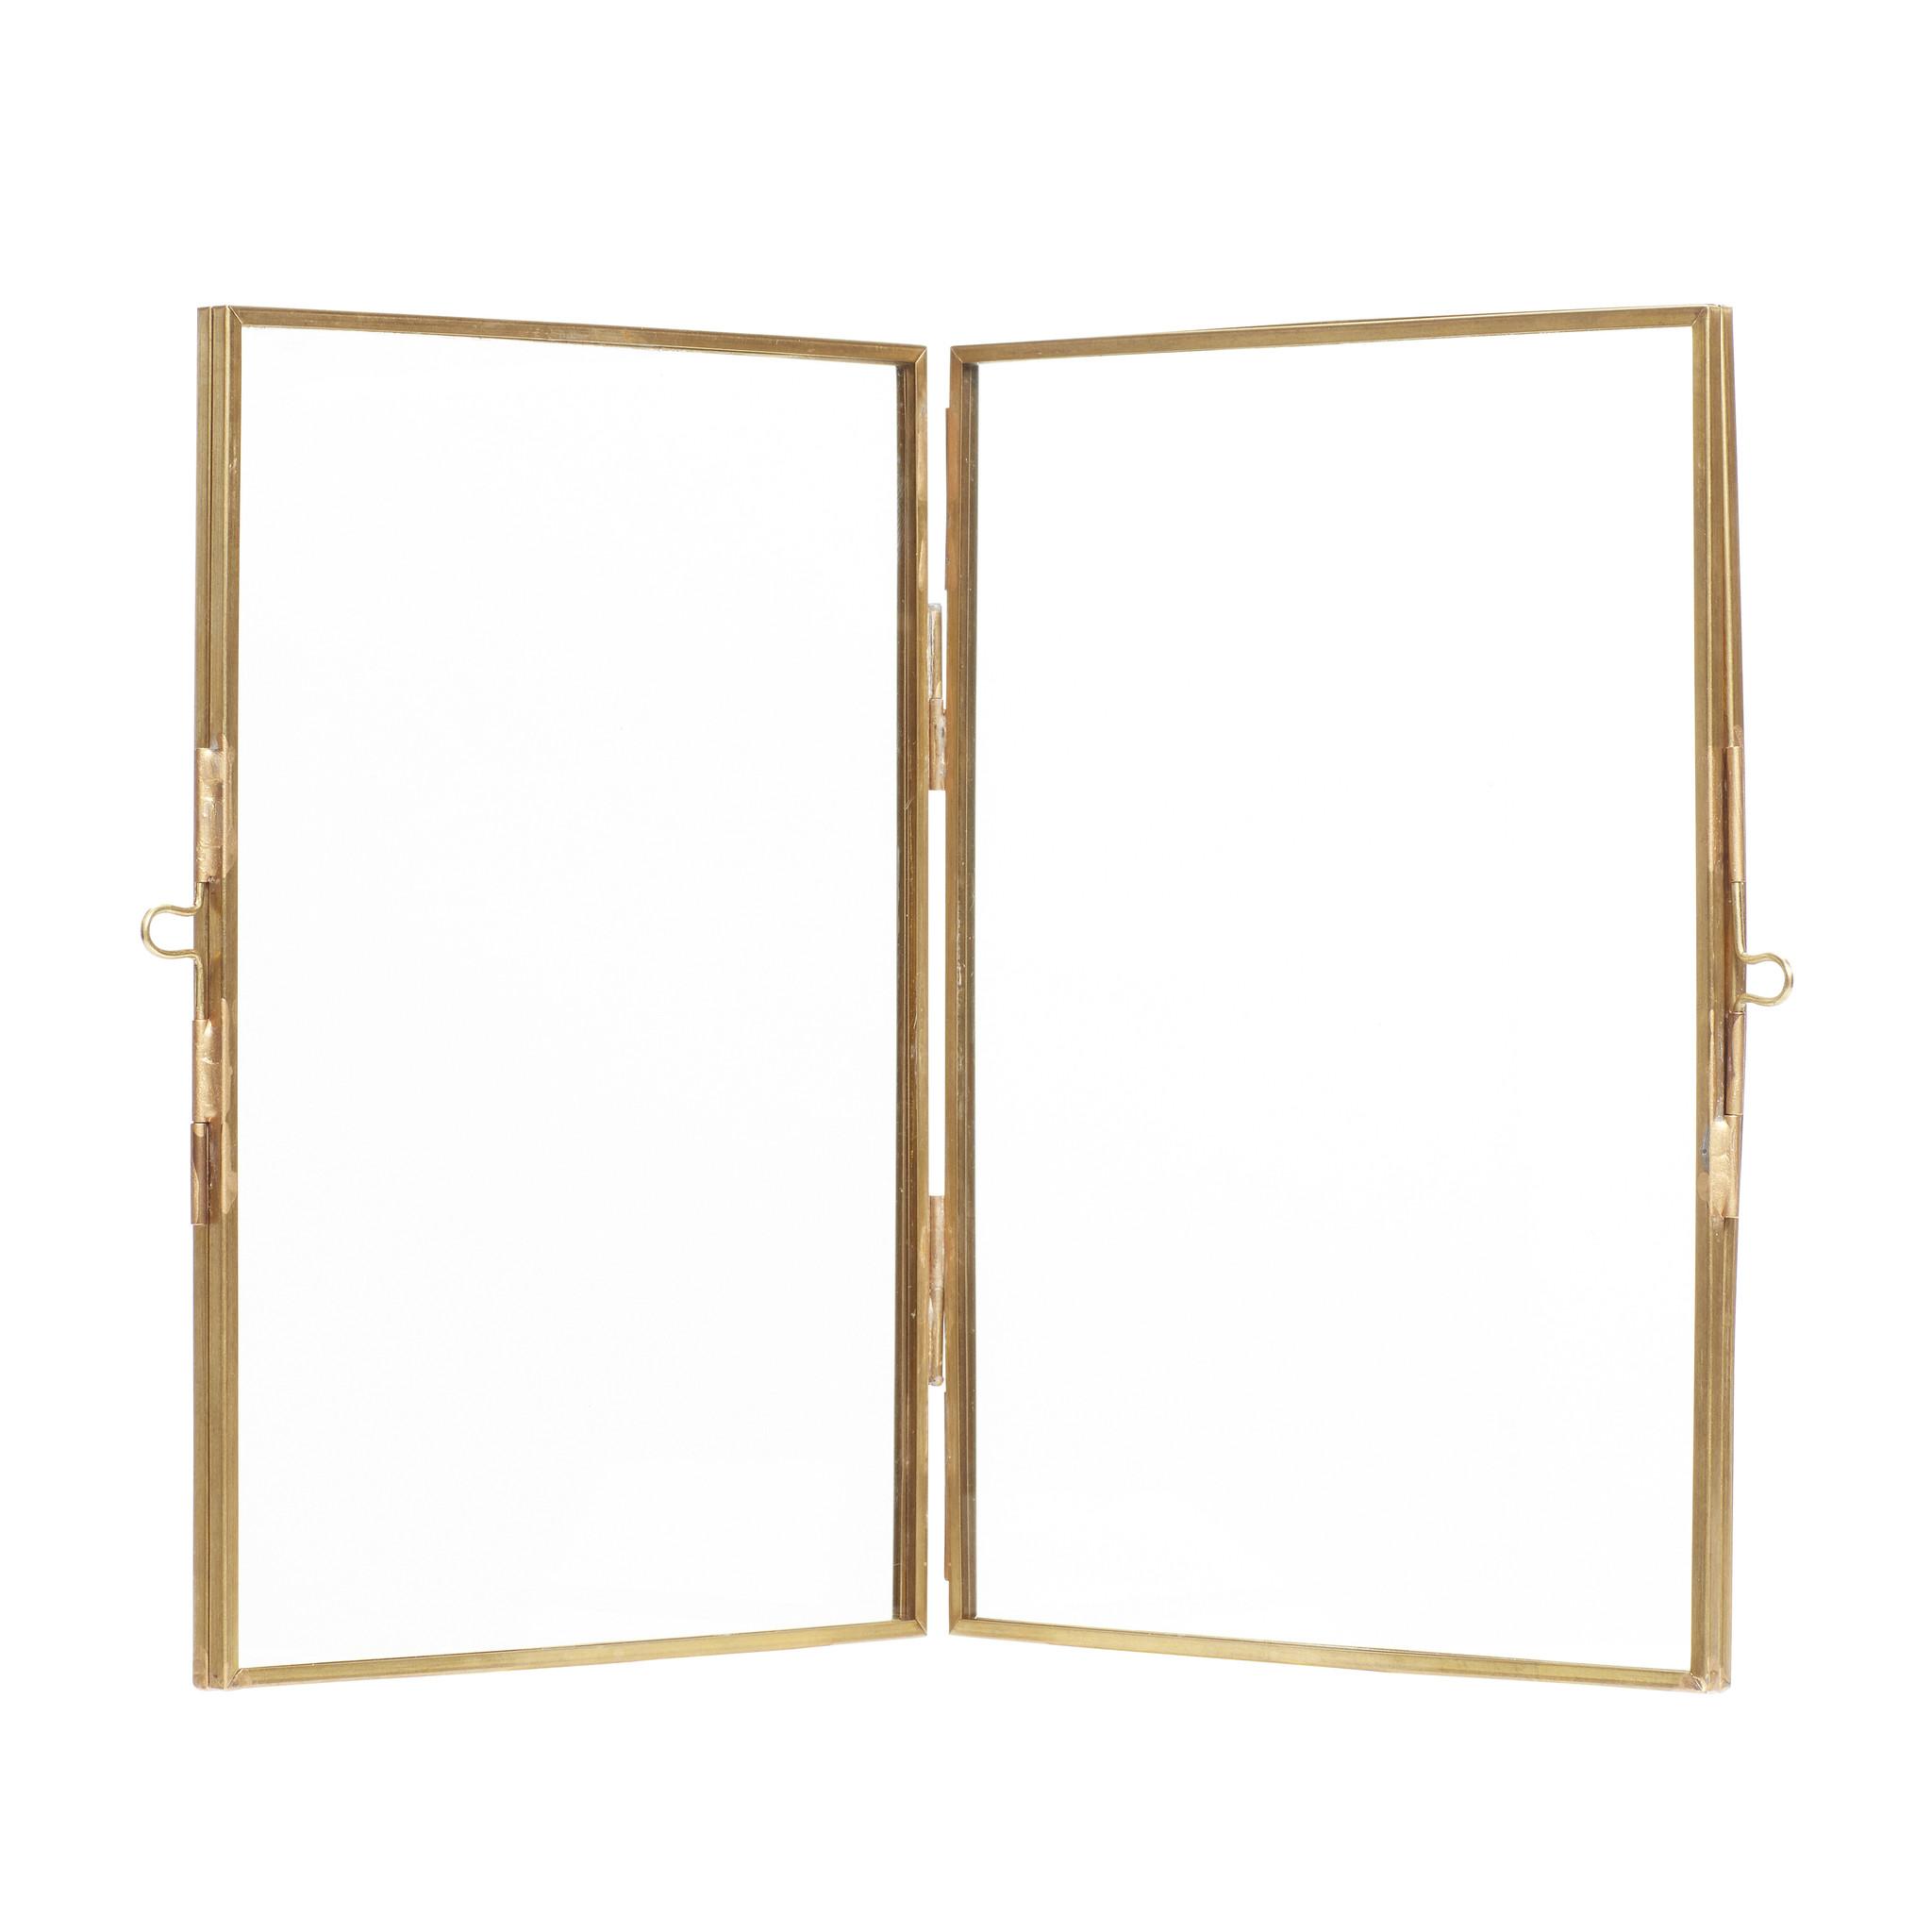 Fotolijst Dubbel Glas.Shop Fotolijst Staand Dubbel Goud Messing Metaal En Glas 21 X 15 Cm 150204 Gratis Verzending Retour